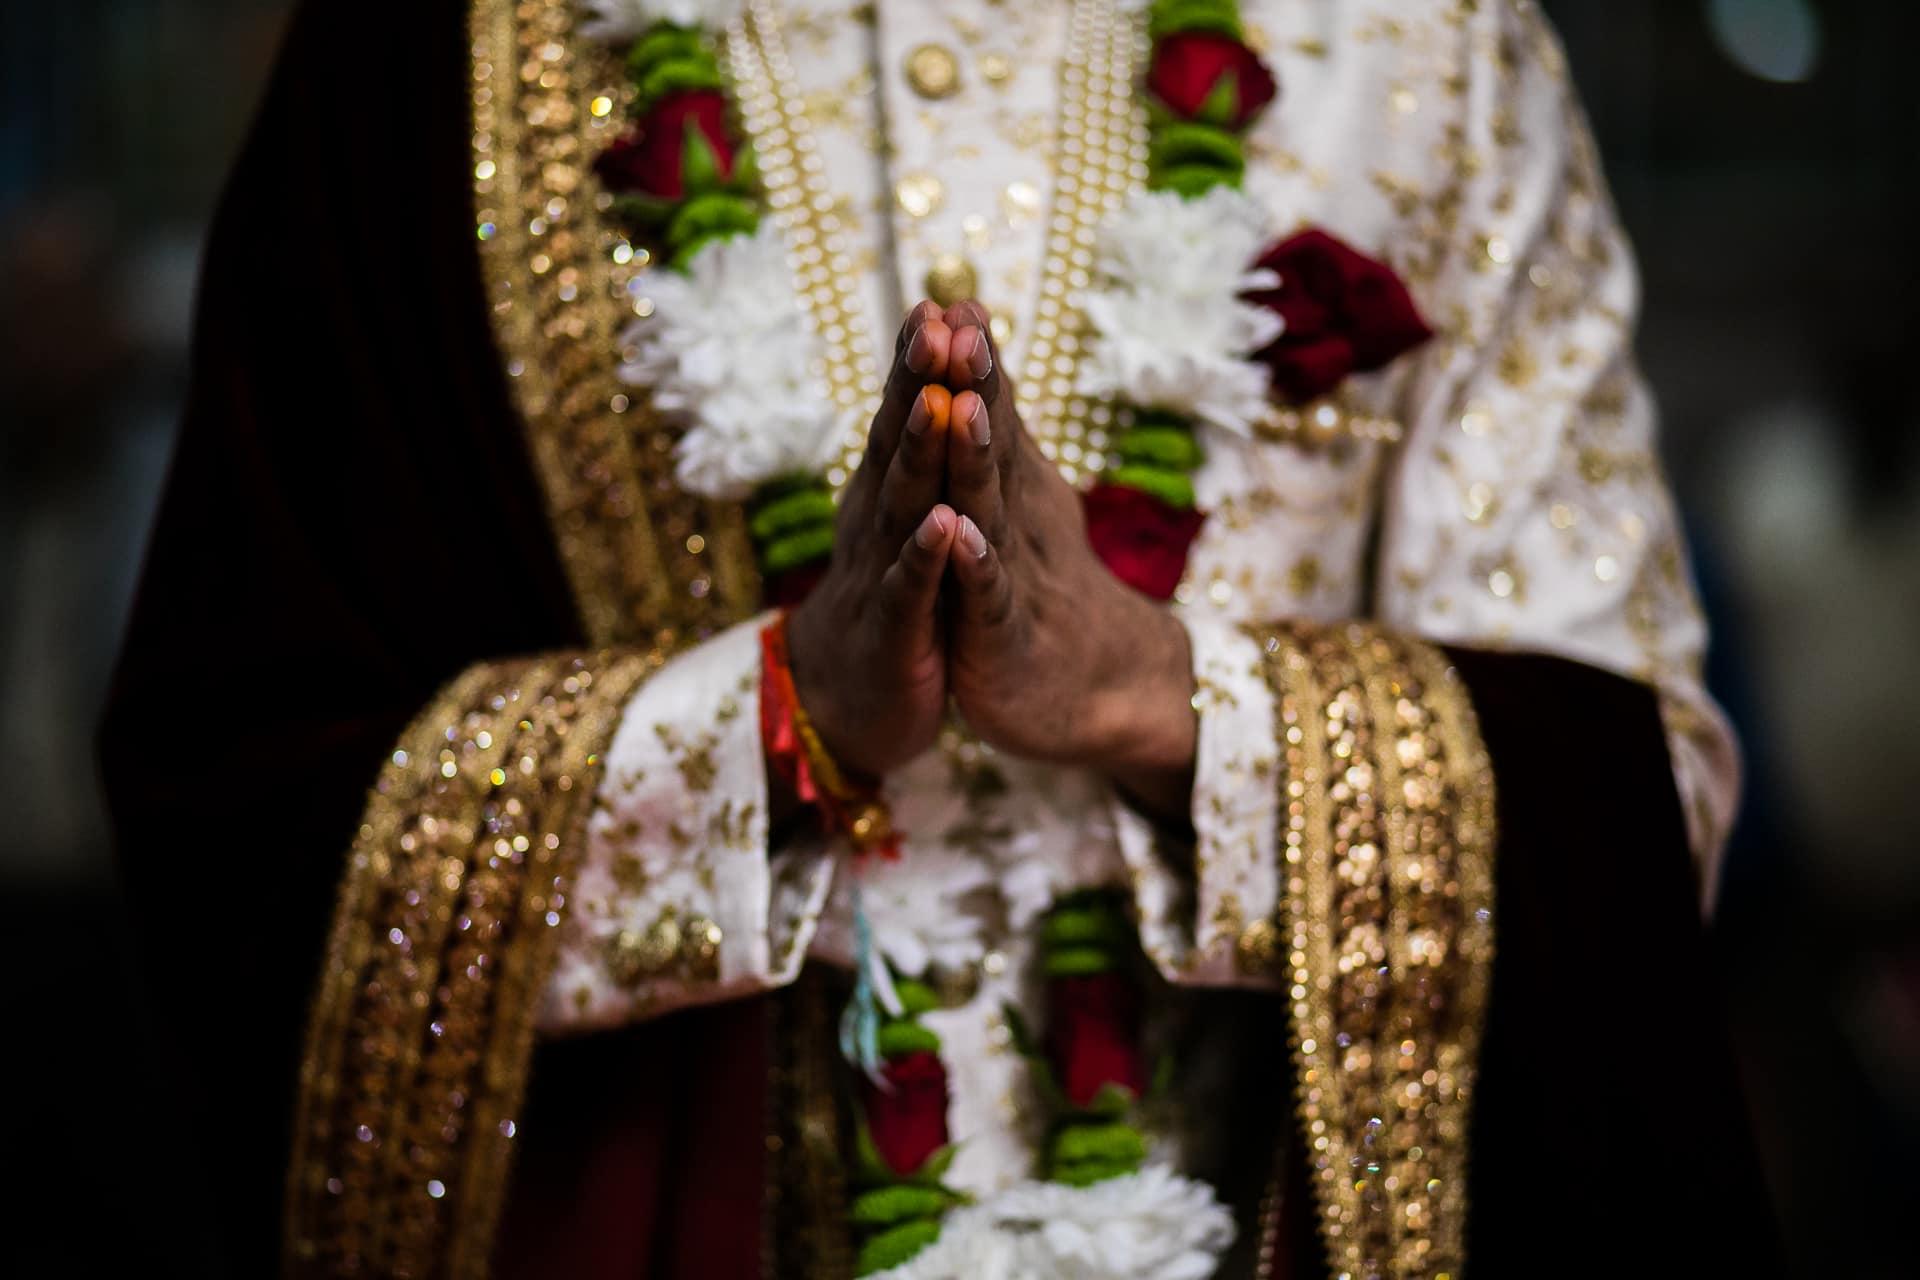 Wedding Groom's hands in prayer position